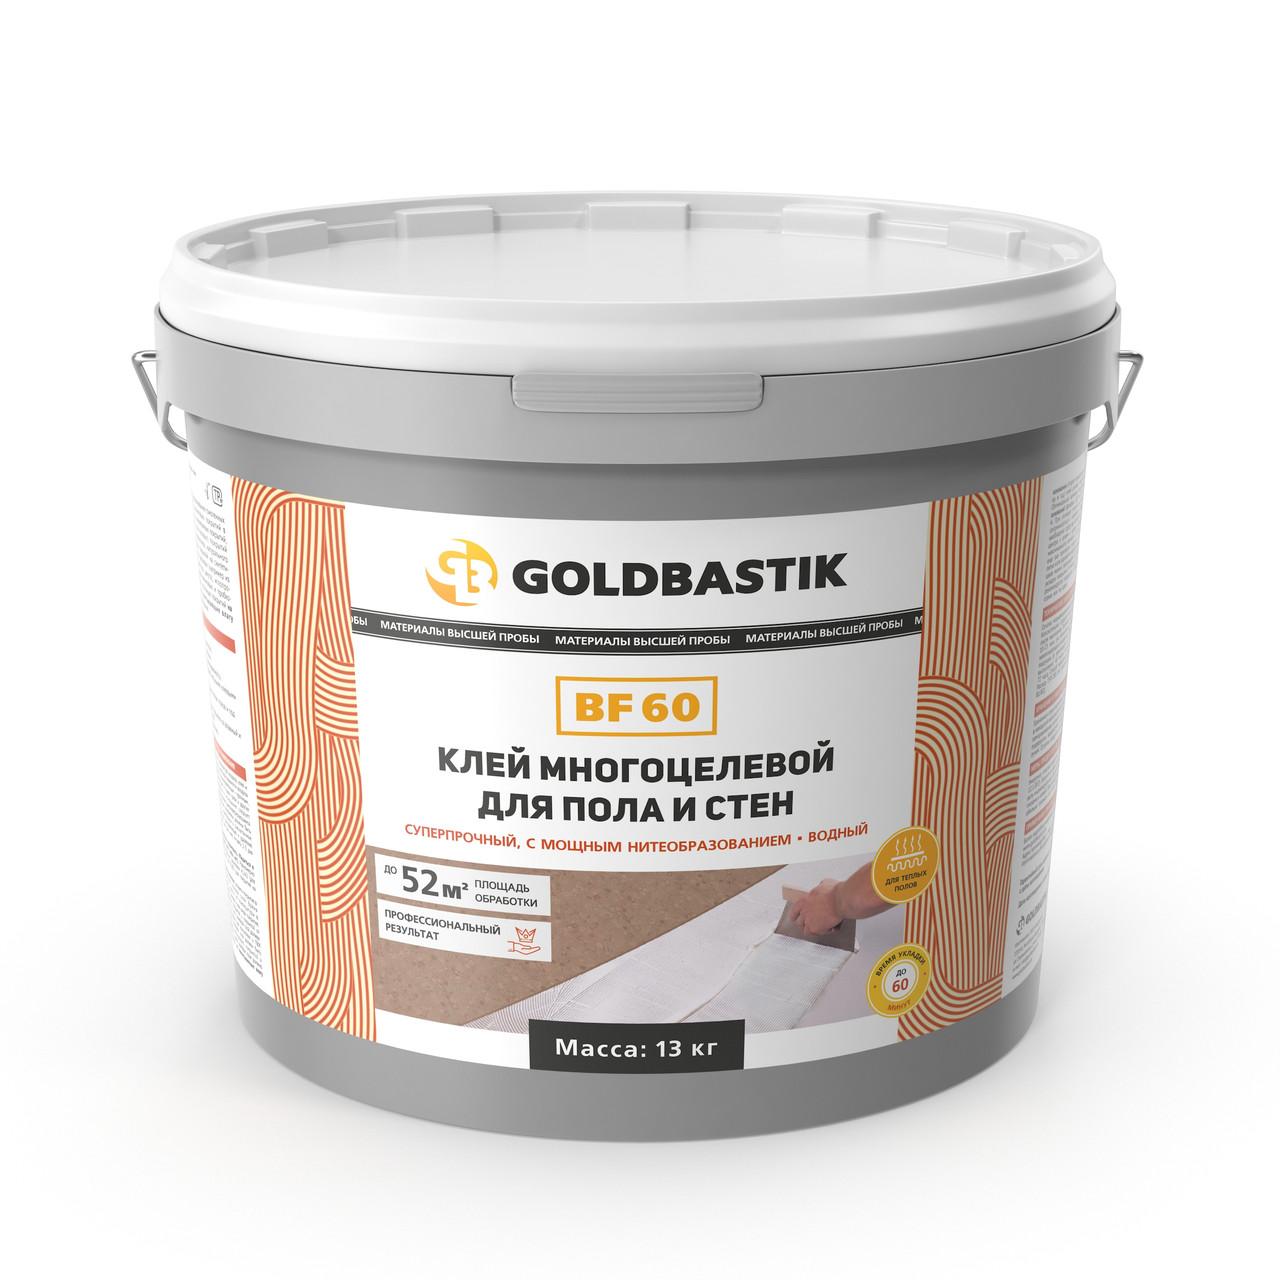 Клей многоцелевой для пола и стен GOLDBASTIK BF 60 (13 кг)